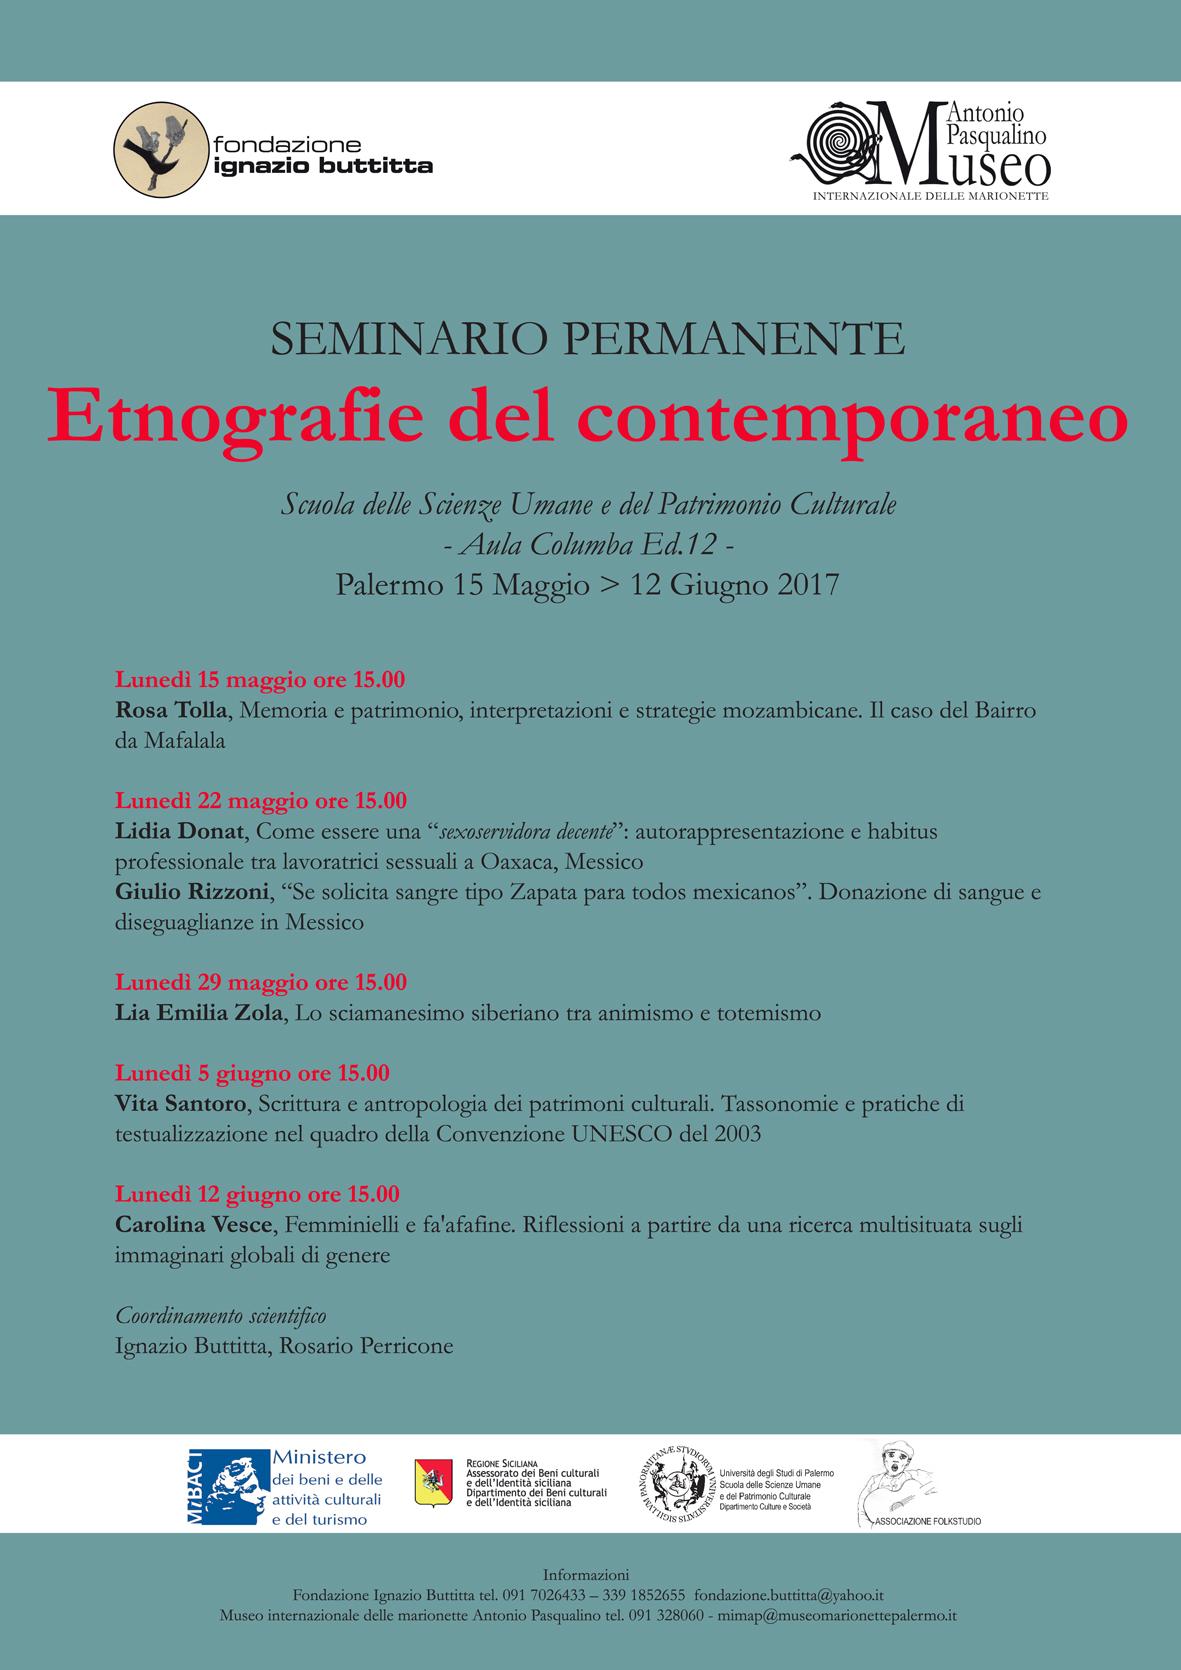 Locandina_Etnografie_del_contemporaneo_1.jpg - 737.56 kB